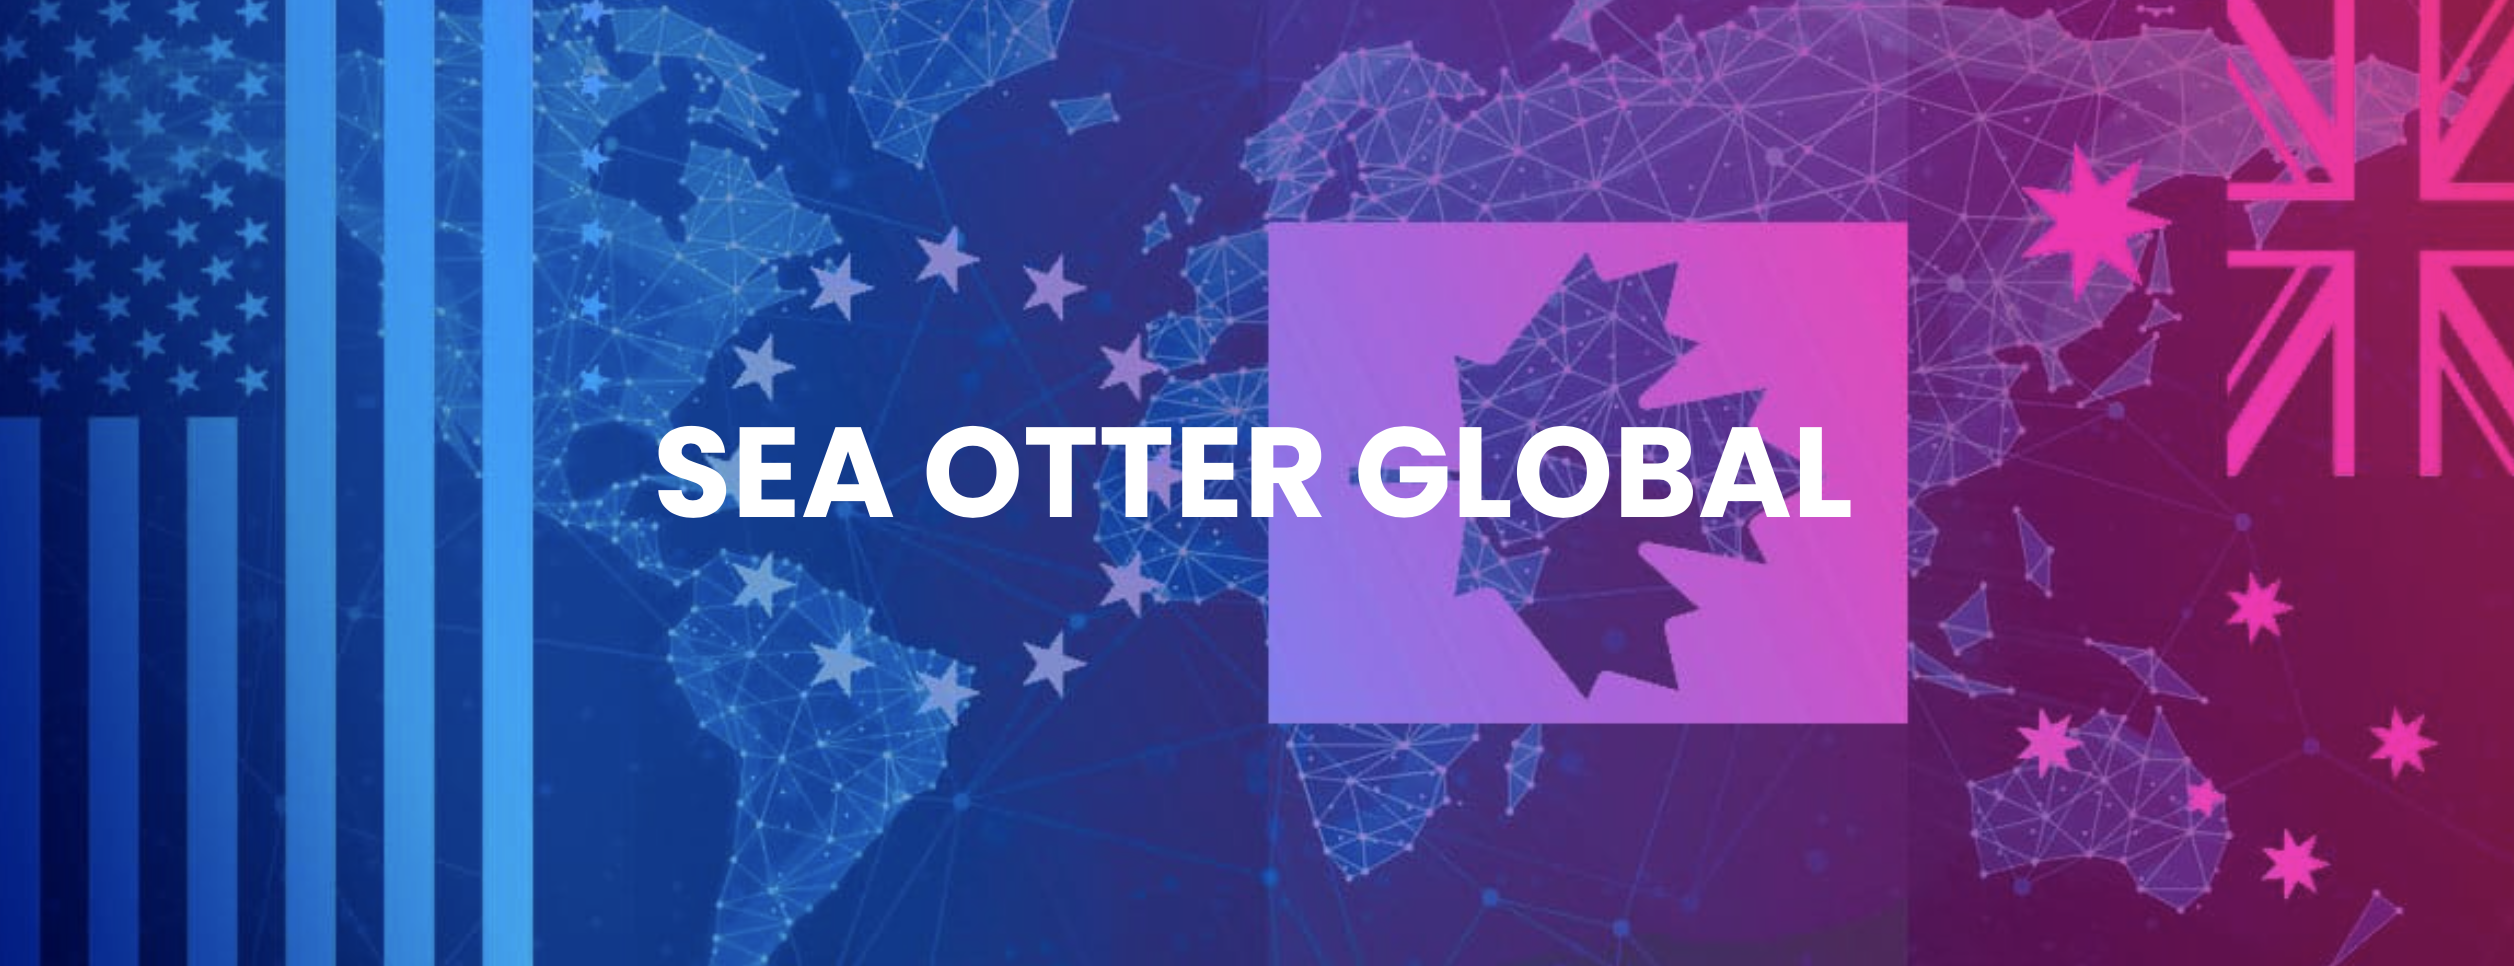 Sea Otter Global